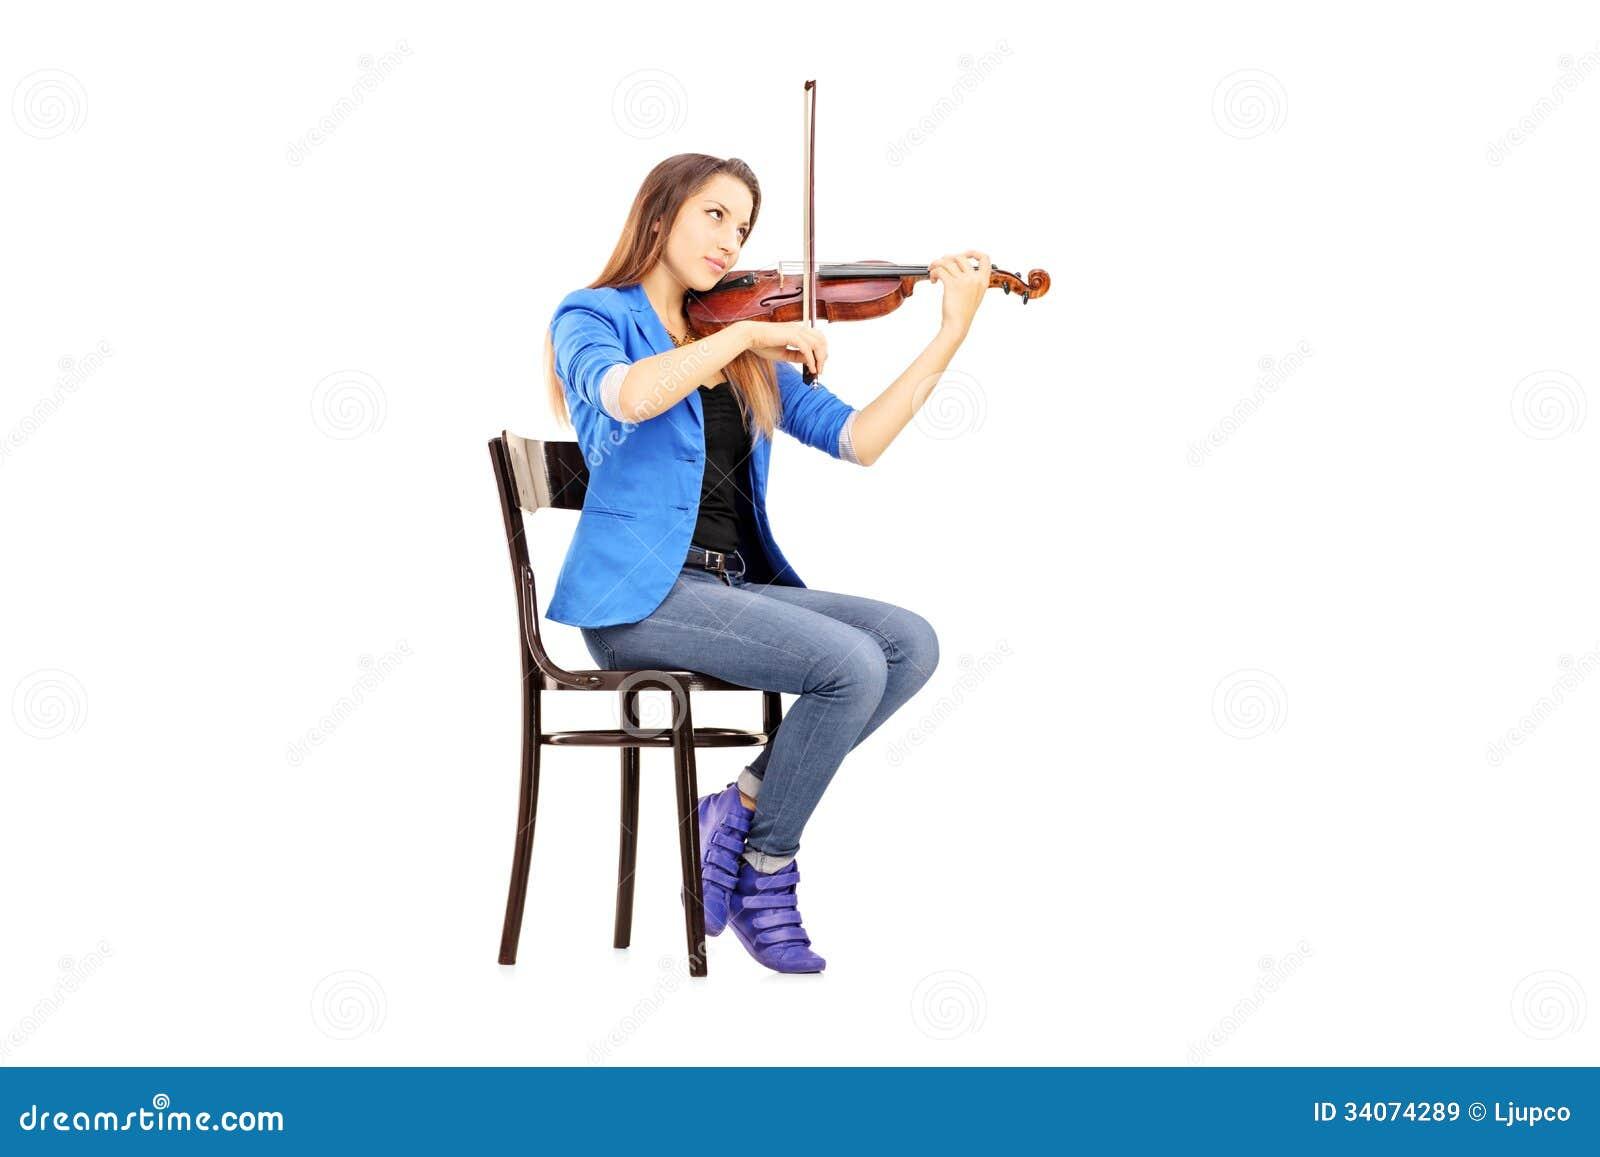 jeune femme occasionnelle assise sur une chaise en bois jouant le violon image stock image du. Black Bedroom Furniture Sets. Home Design Ideas